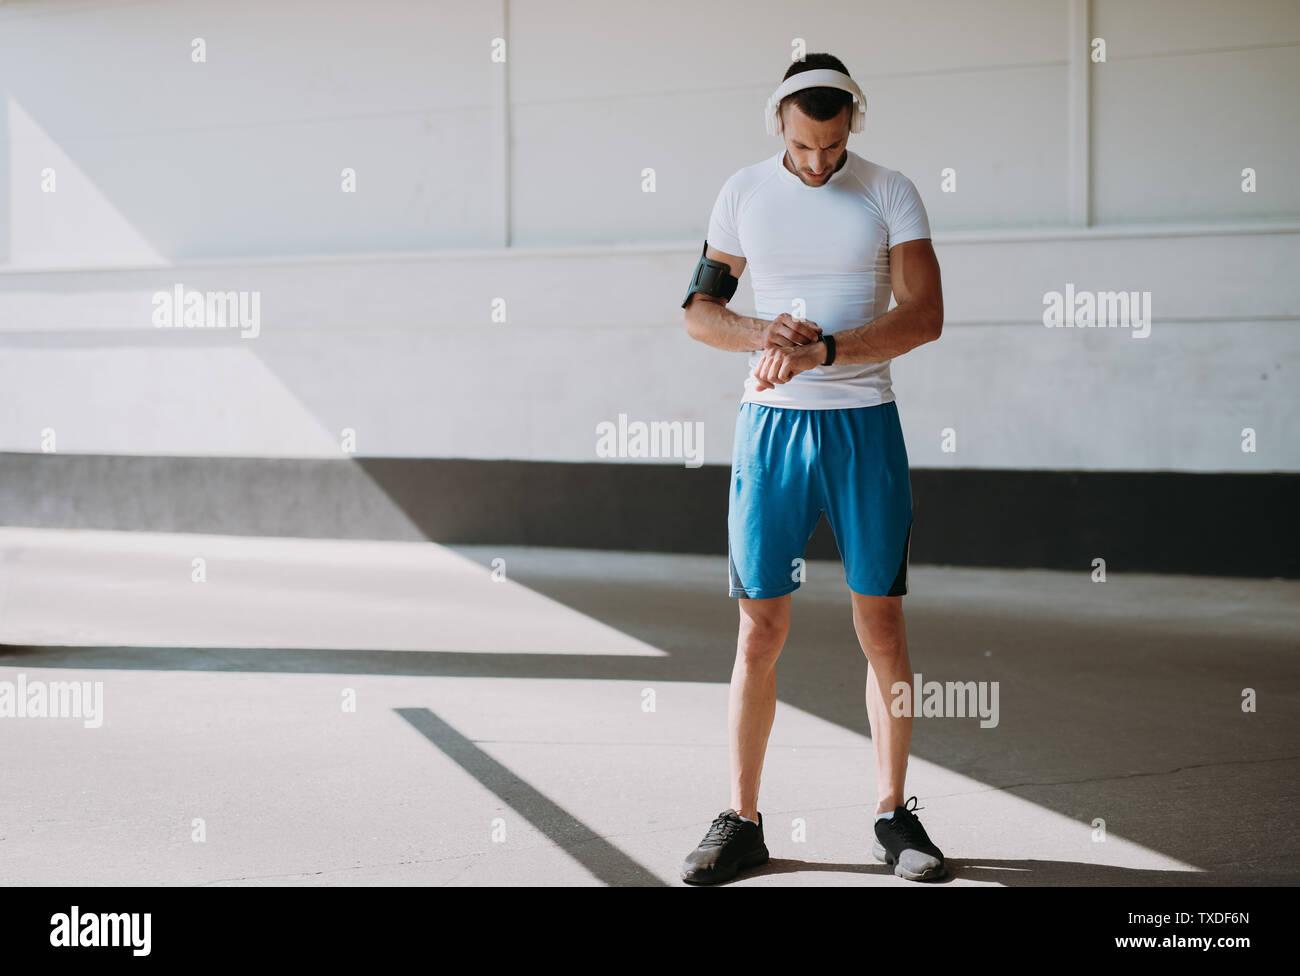 Junge Mann Laufen draußen in den Morgen lieferbar Stockfoto